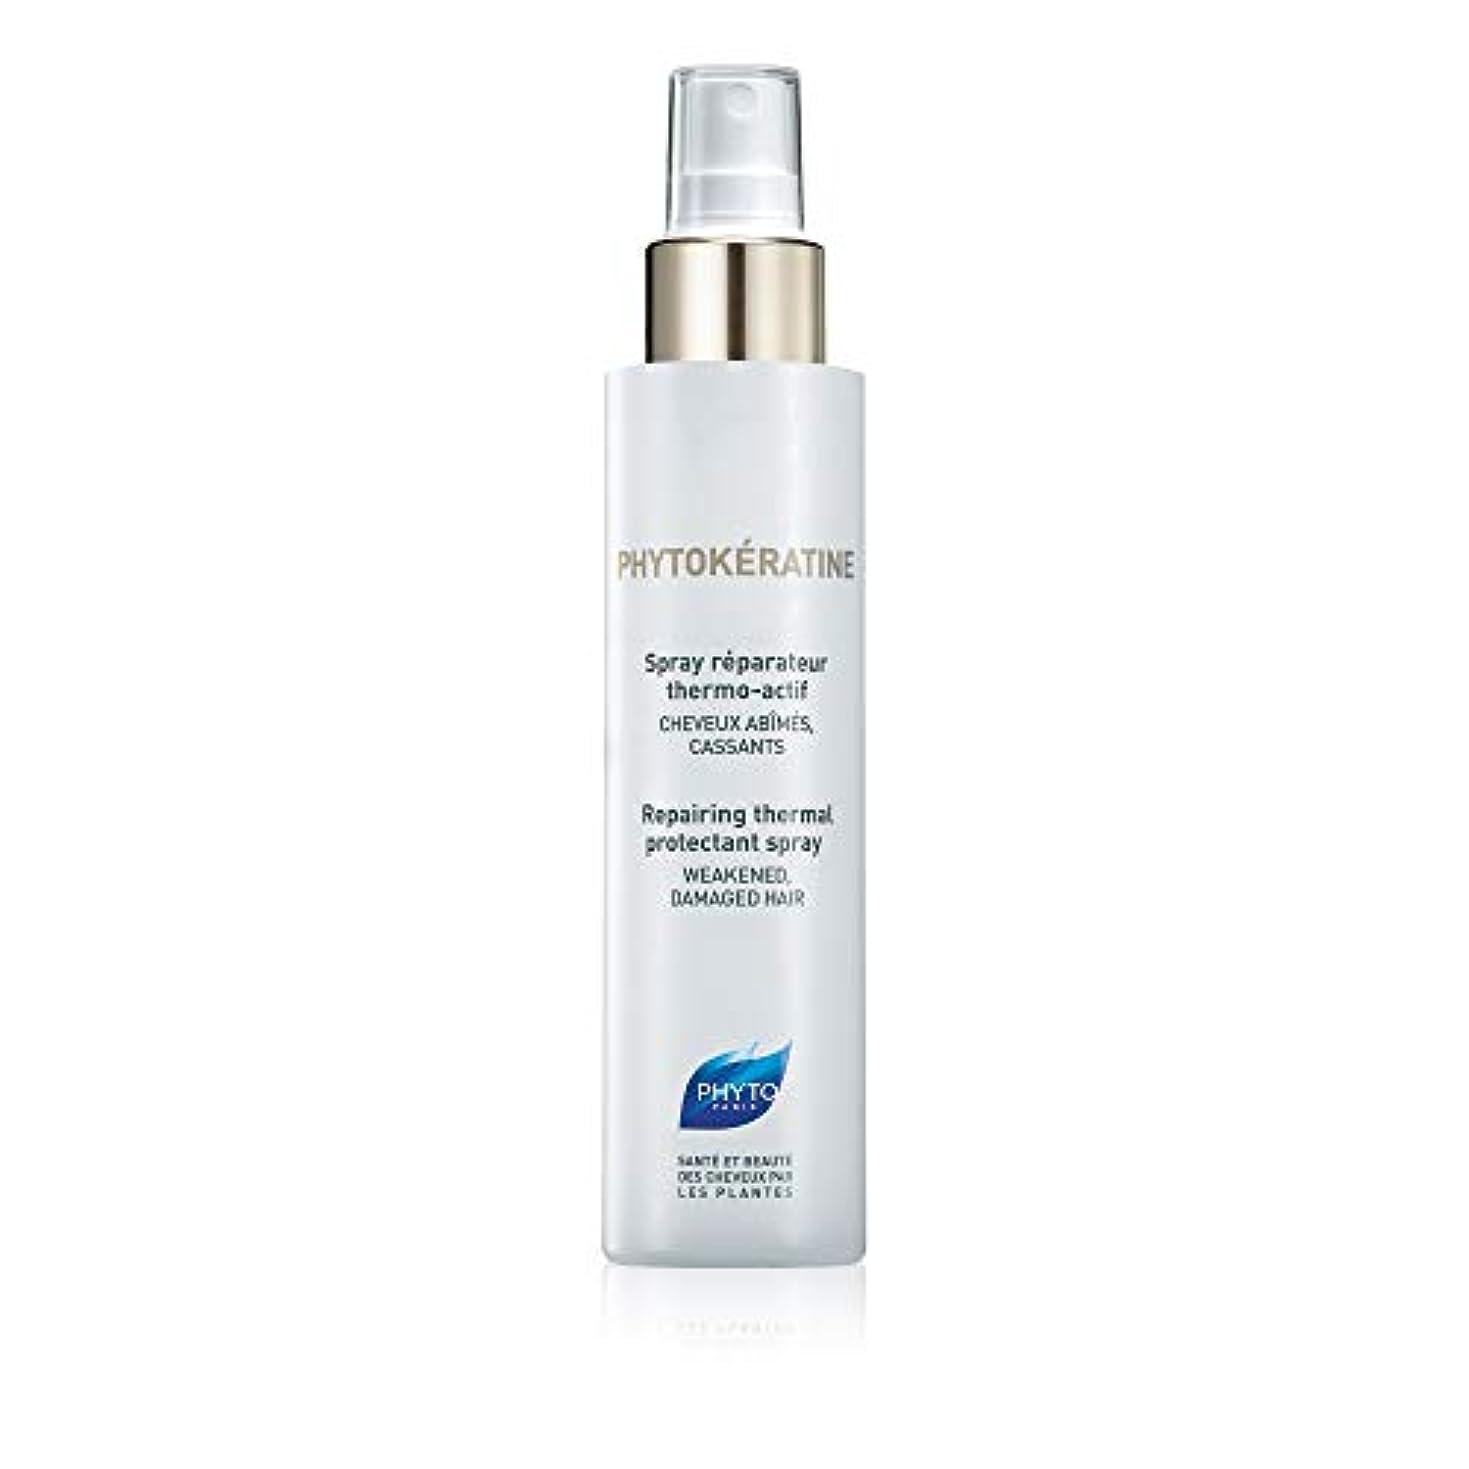 静かな眉既婚Phyto Phytokeratine Repairing Thermal Protectant Spray 150ml